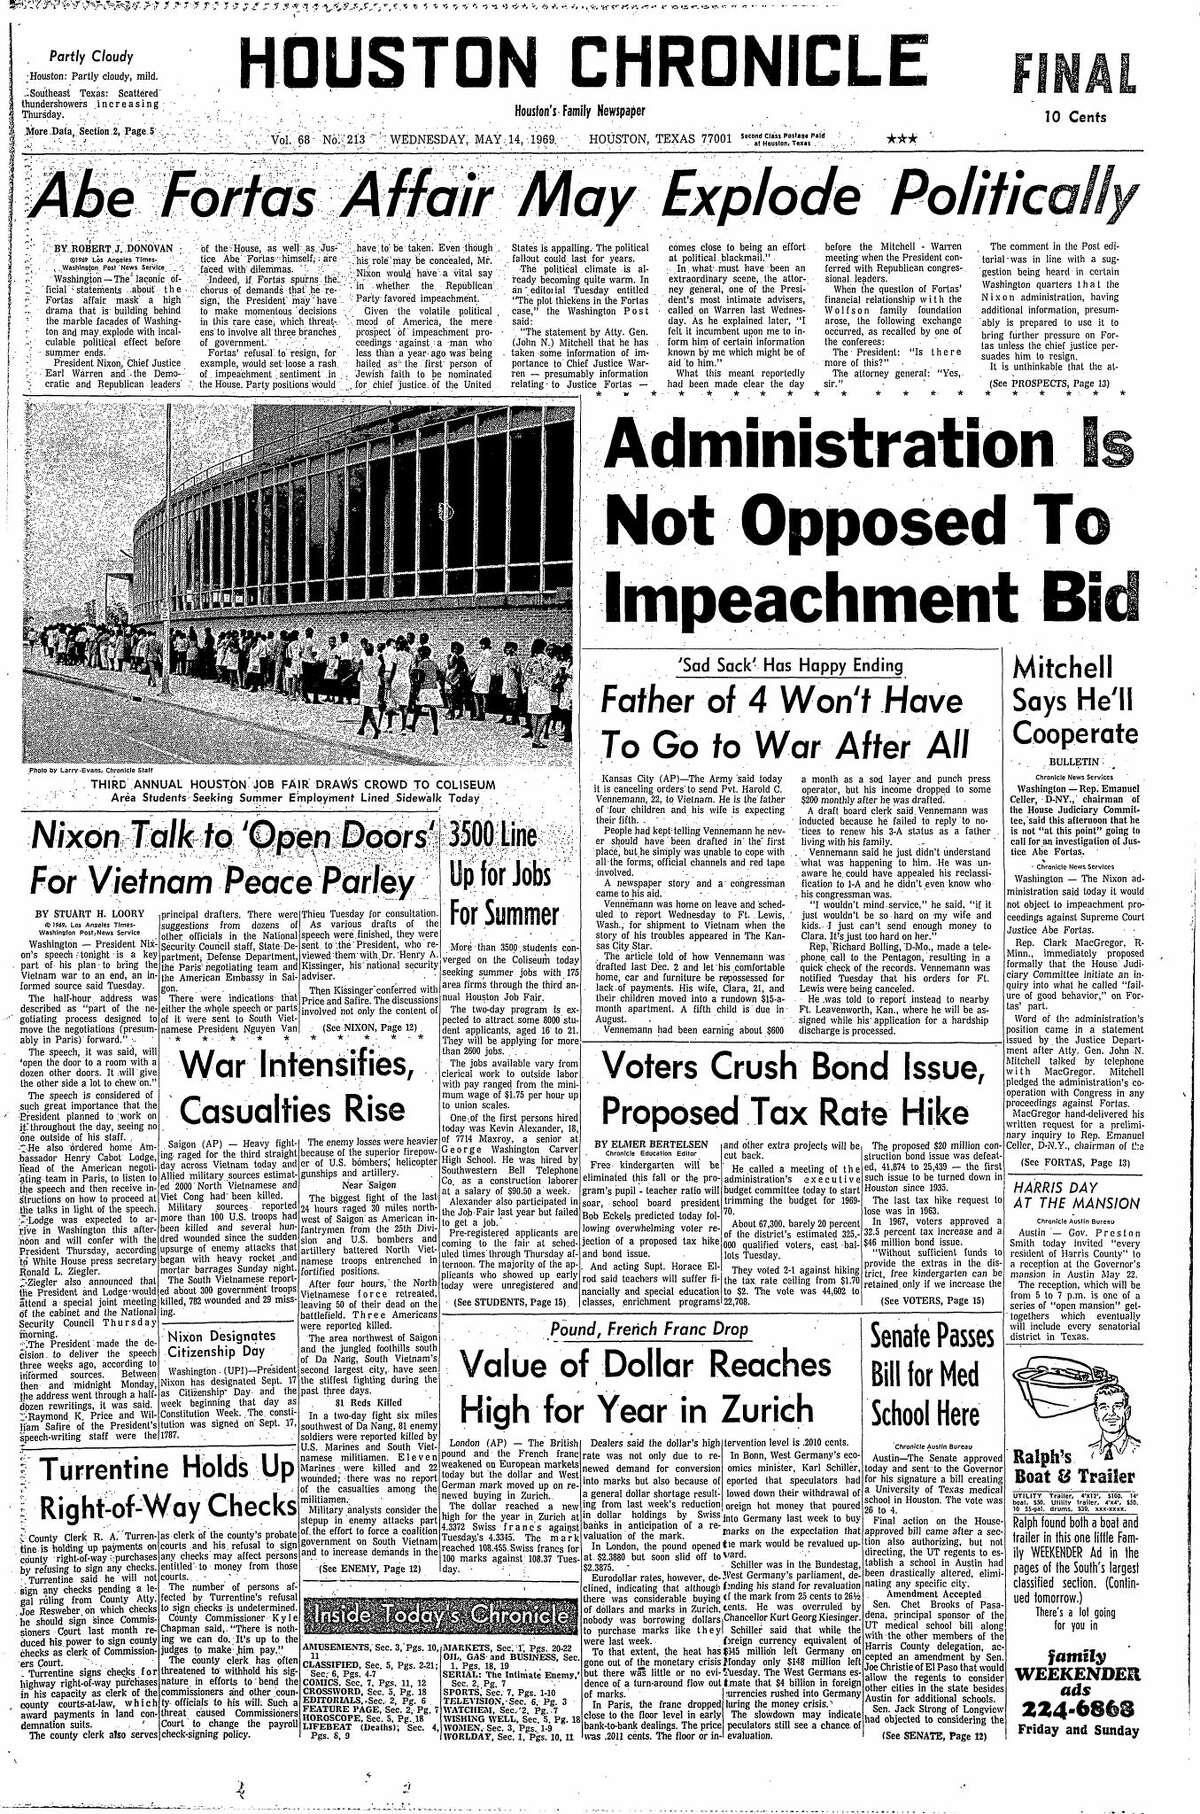 May 14, 1969